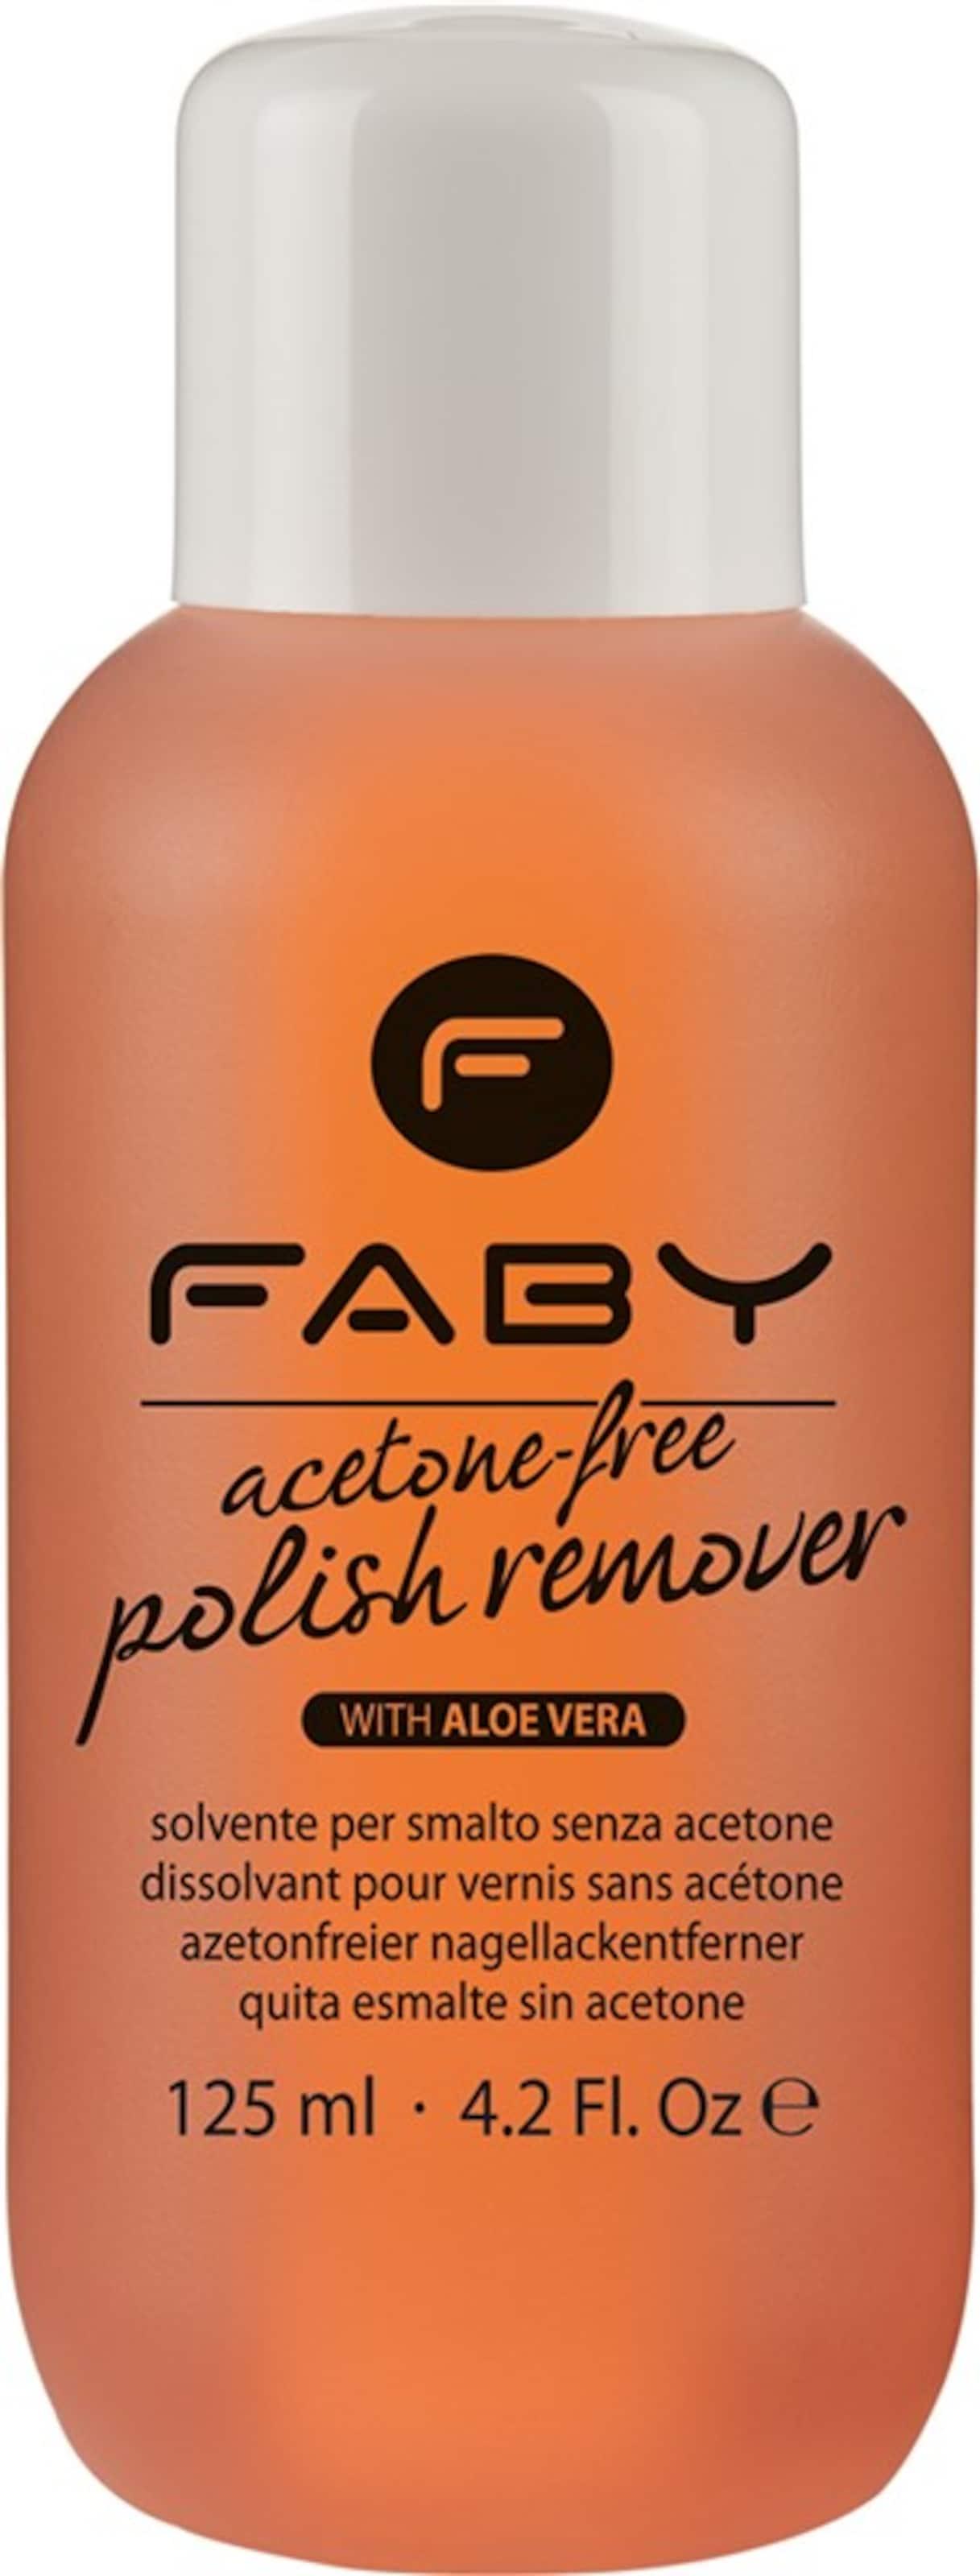 FABY 'Aceton Free Polish Remover', Aceton-freier Nagellack-Entferner